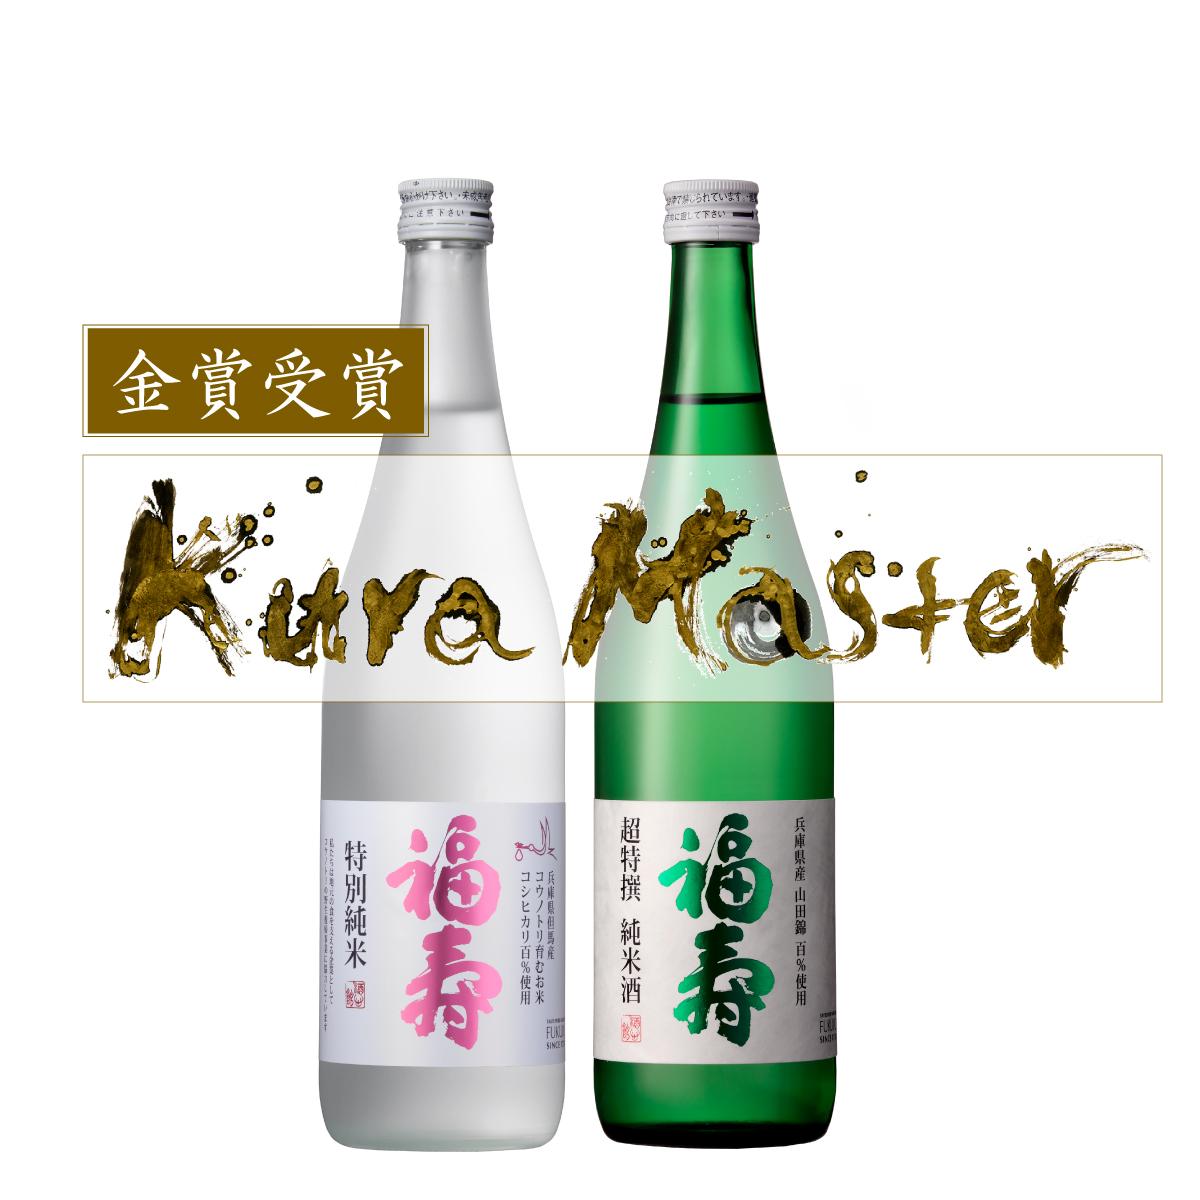 2021年度 KURA MASTER 純米酒部門にて金賞受賞しました